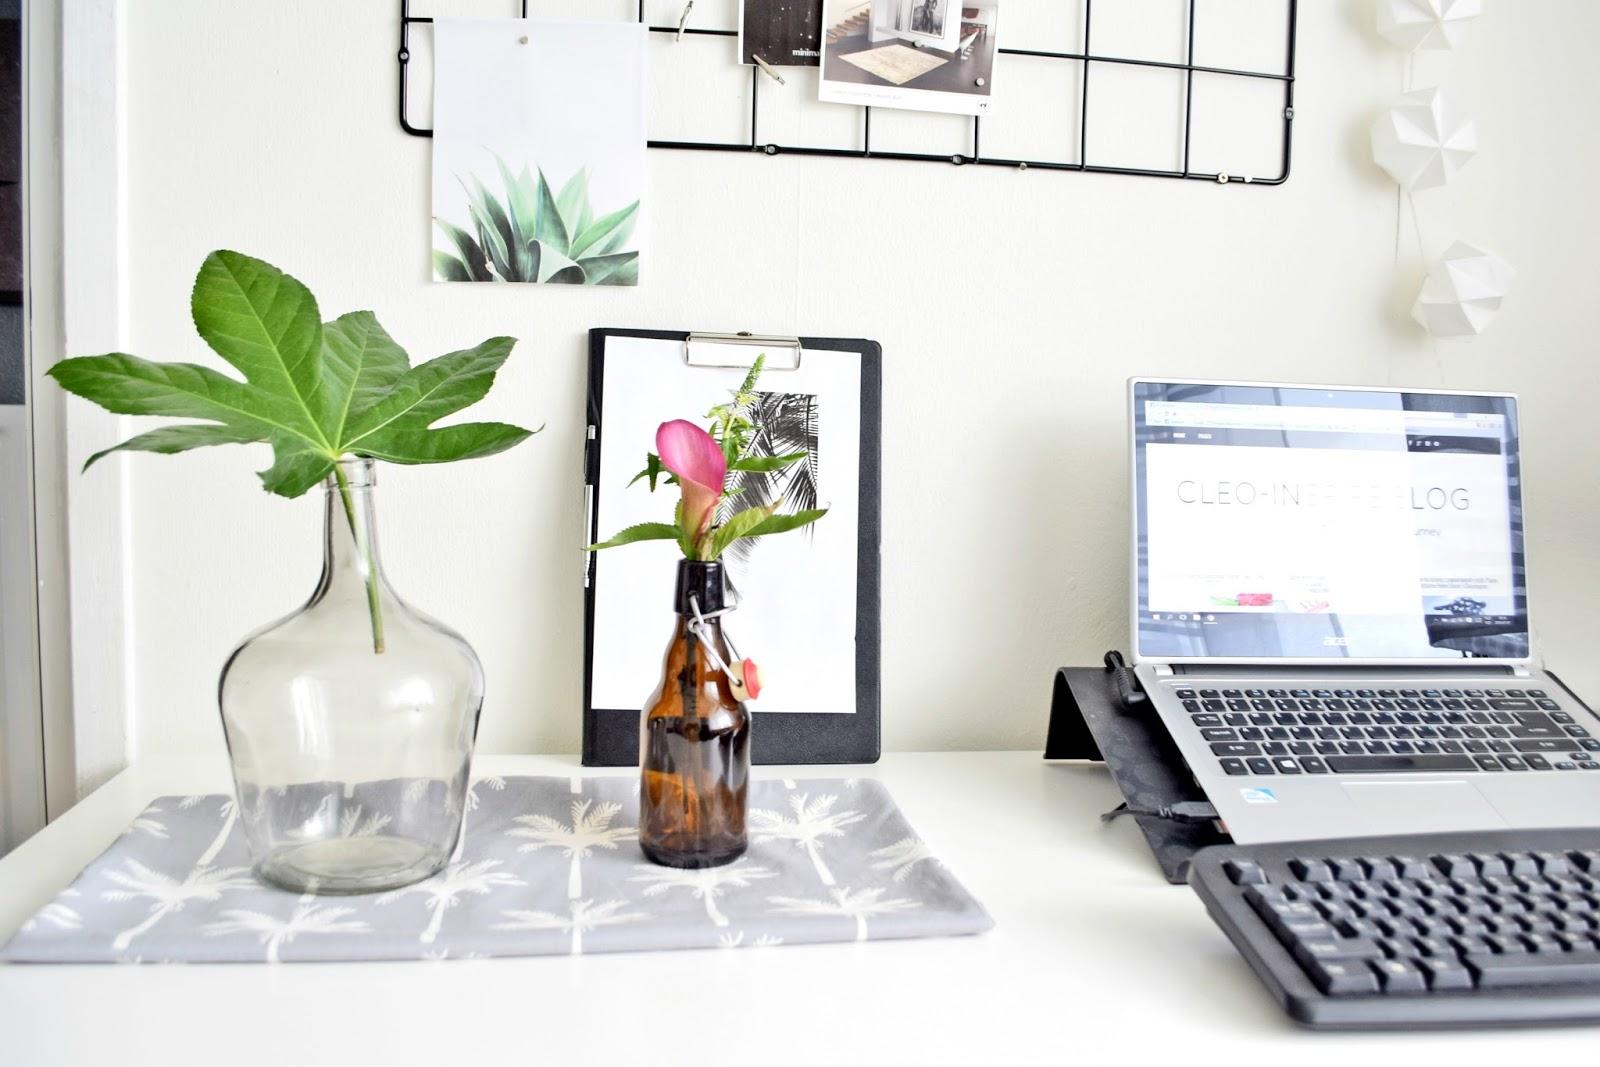 dekoracje na biurku